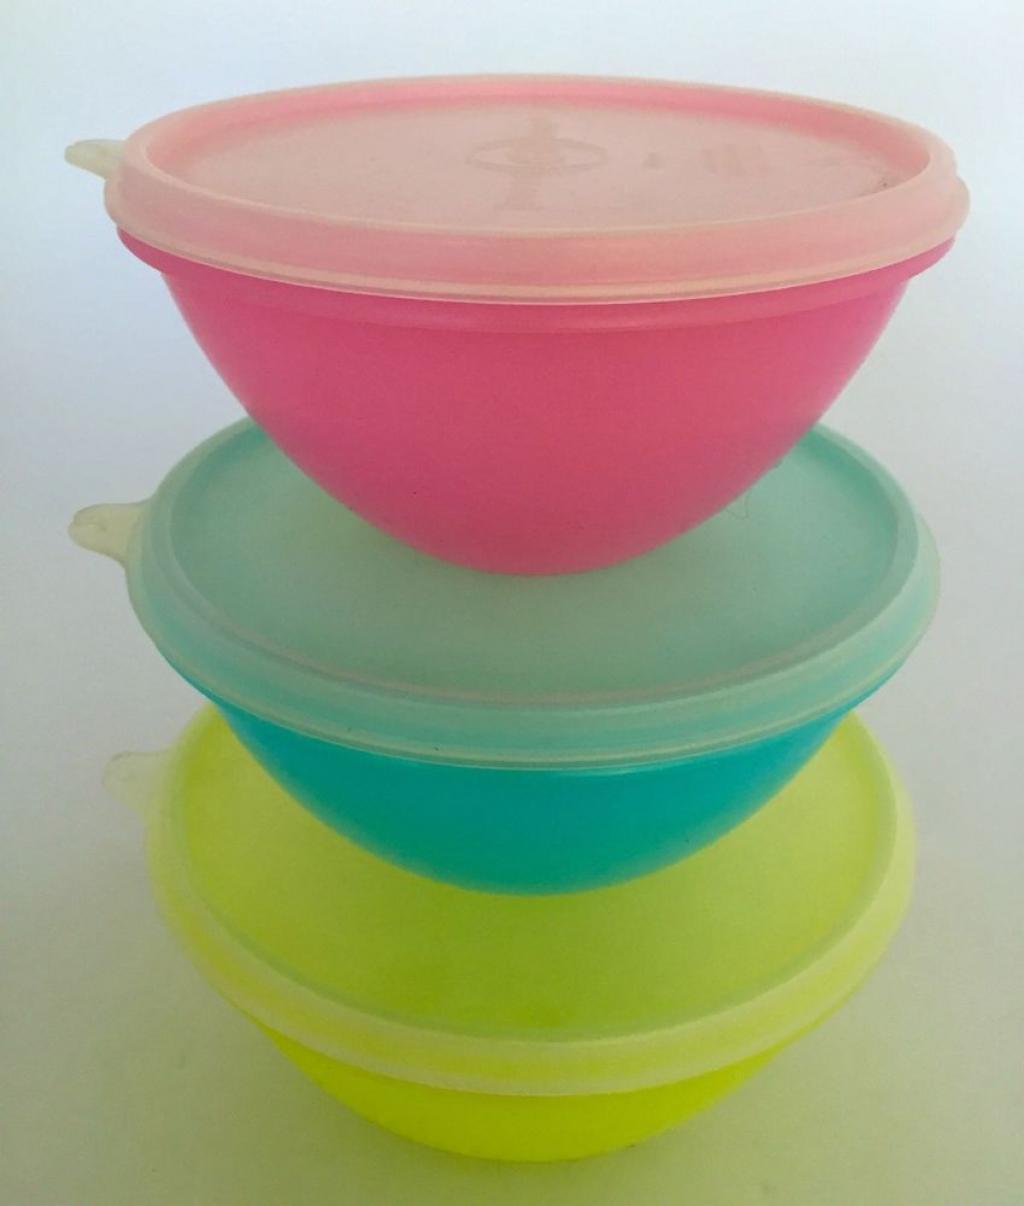 Saviez-vous que vos vieux plats Tupperware peuvent valoir une petite fortune?